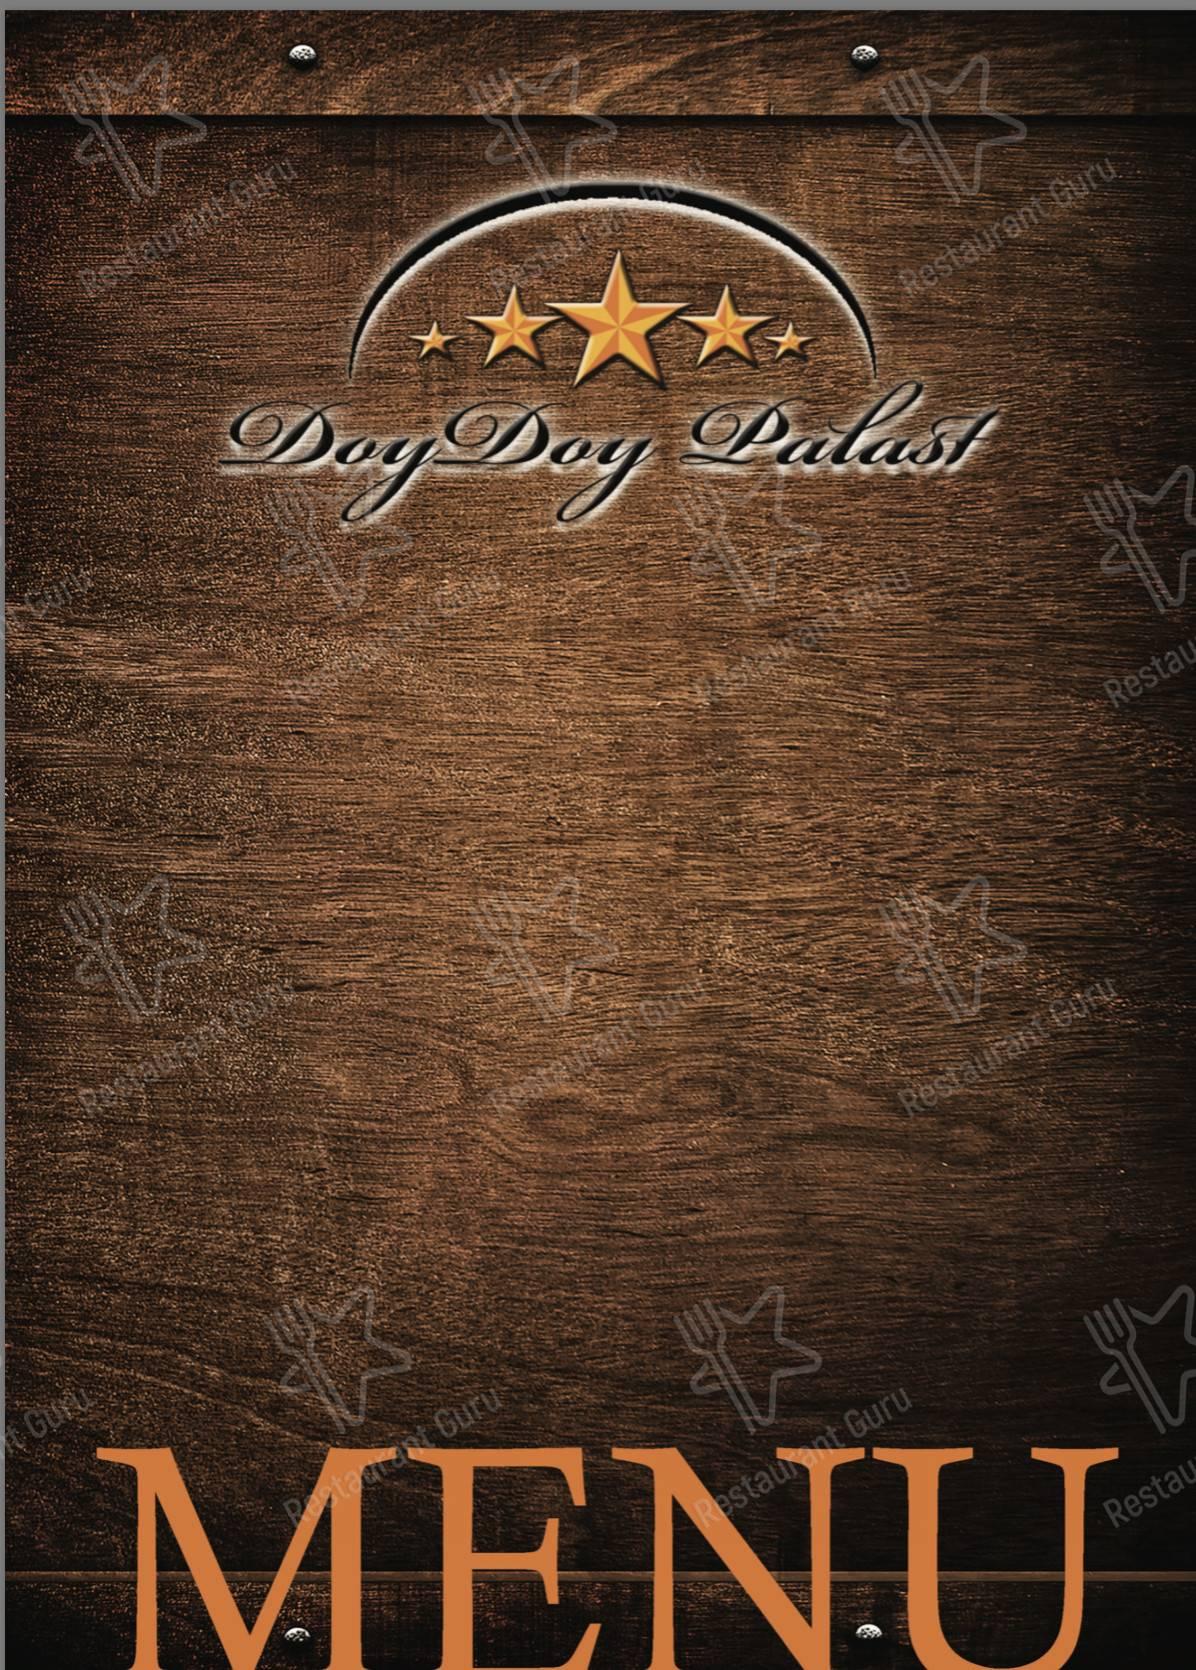 Doy Doy Palast Speisekarte - Essen und Getränke